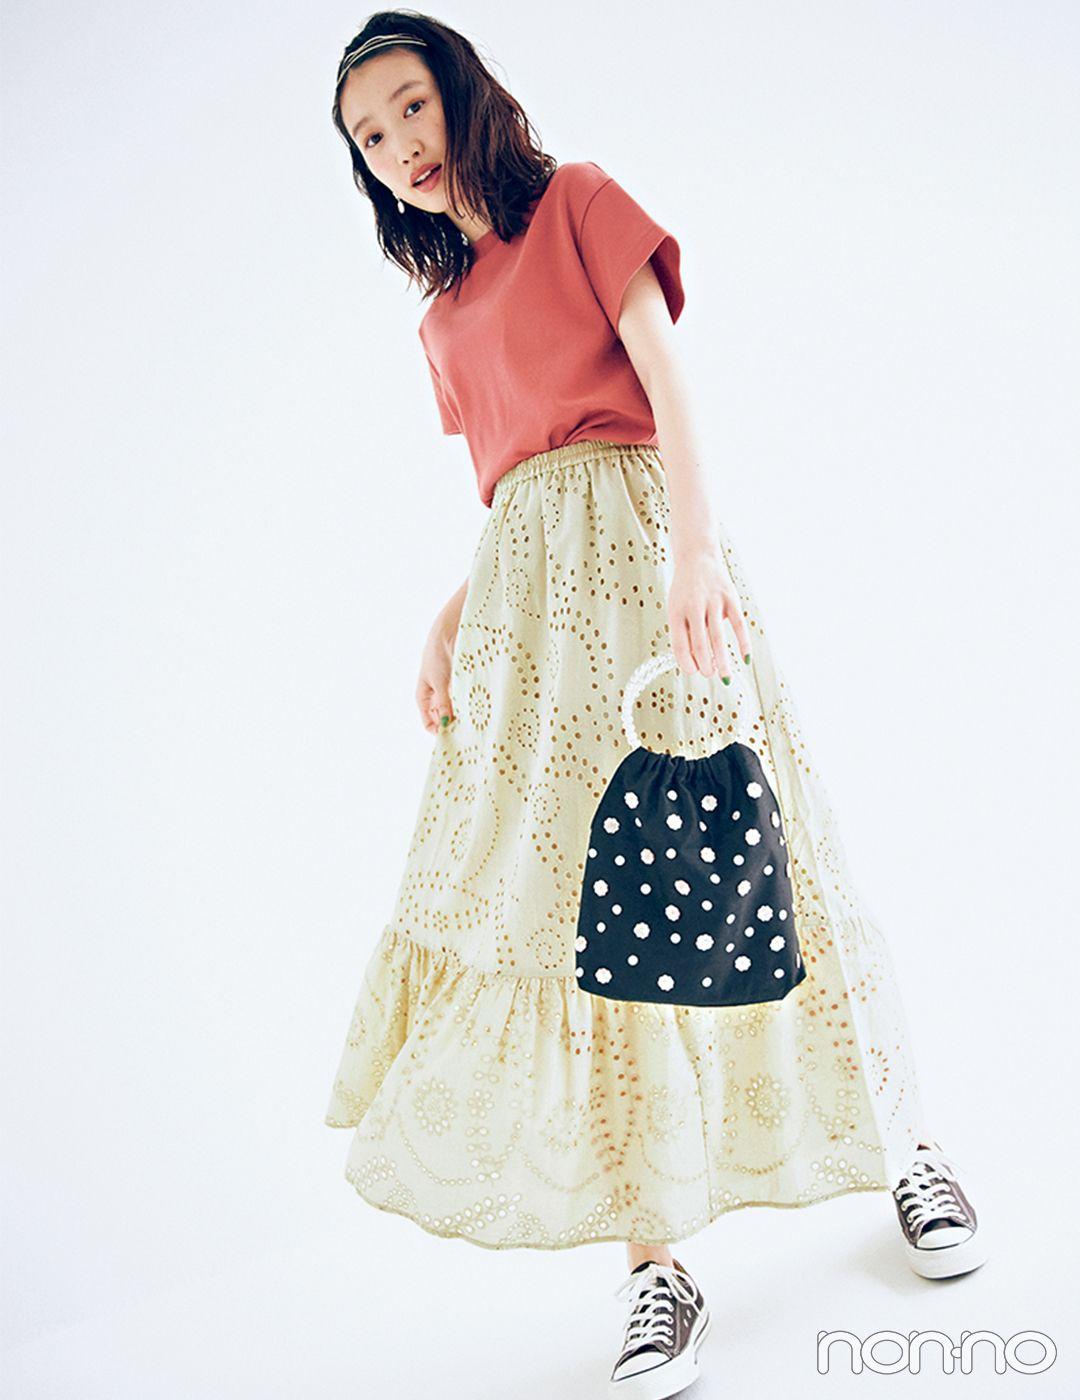 カットワークレースのスカートときれい色tで今っぽフェミニン 毎日コーデ ファッションアイデア レーススカート カットワーク